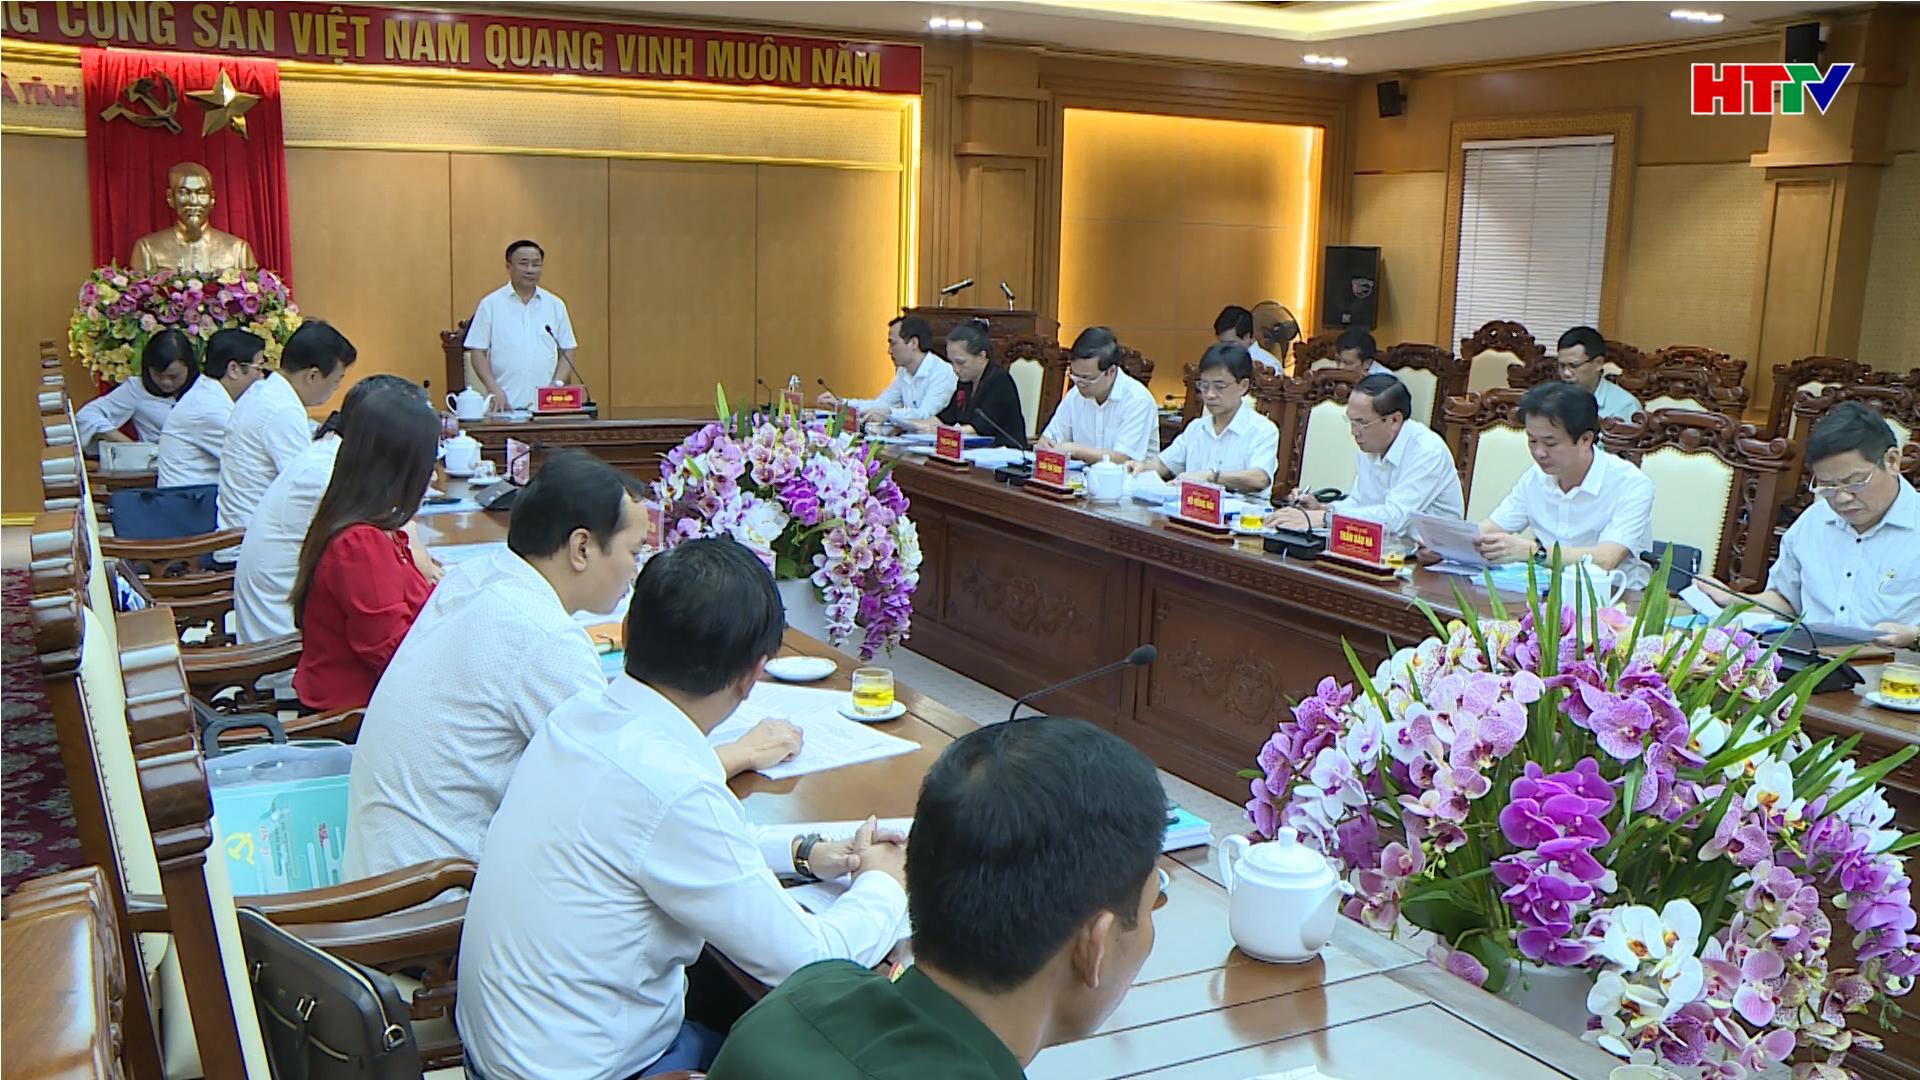 Vũ Quang, phát huy dân chủ, đoàn kết, sáng tạo trong nhiệm kỳ tới